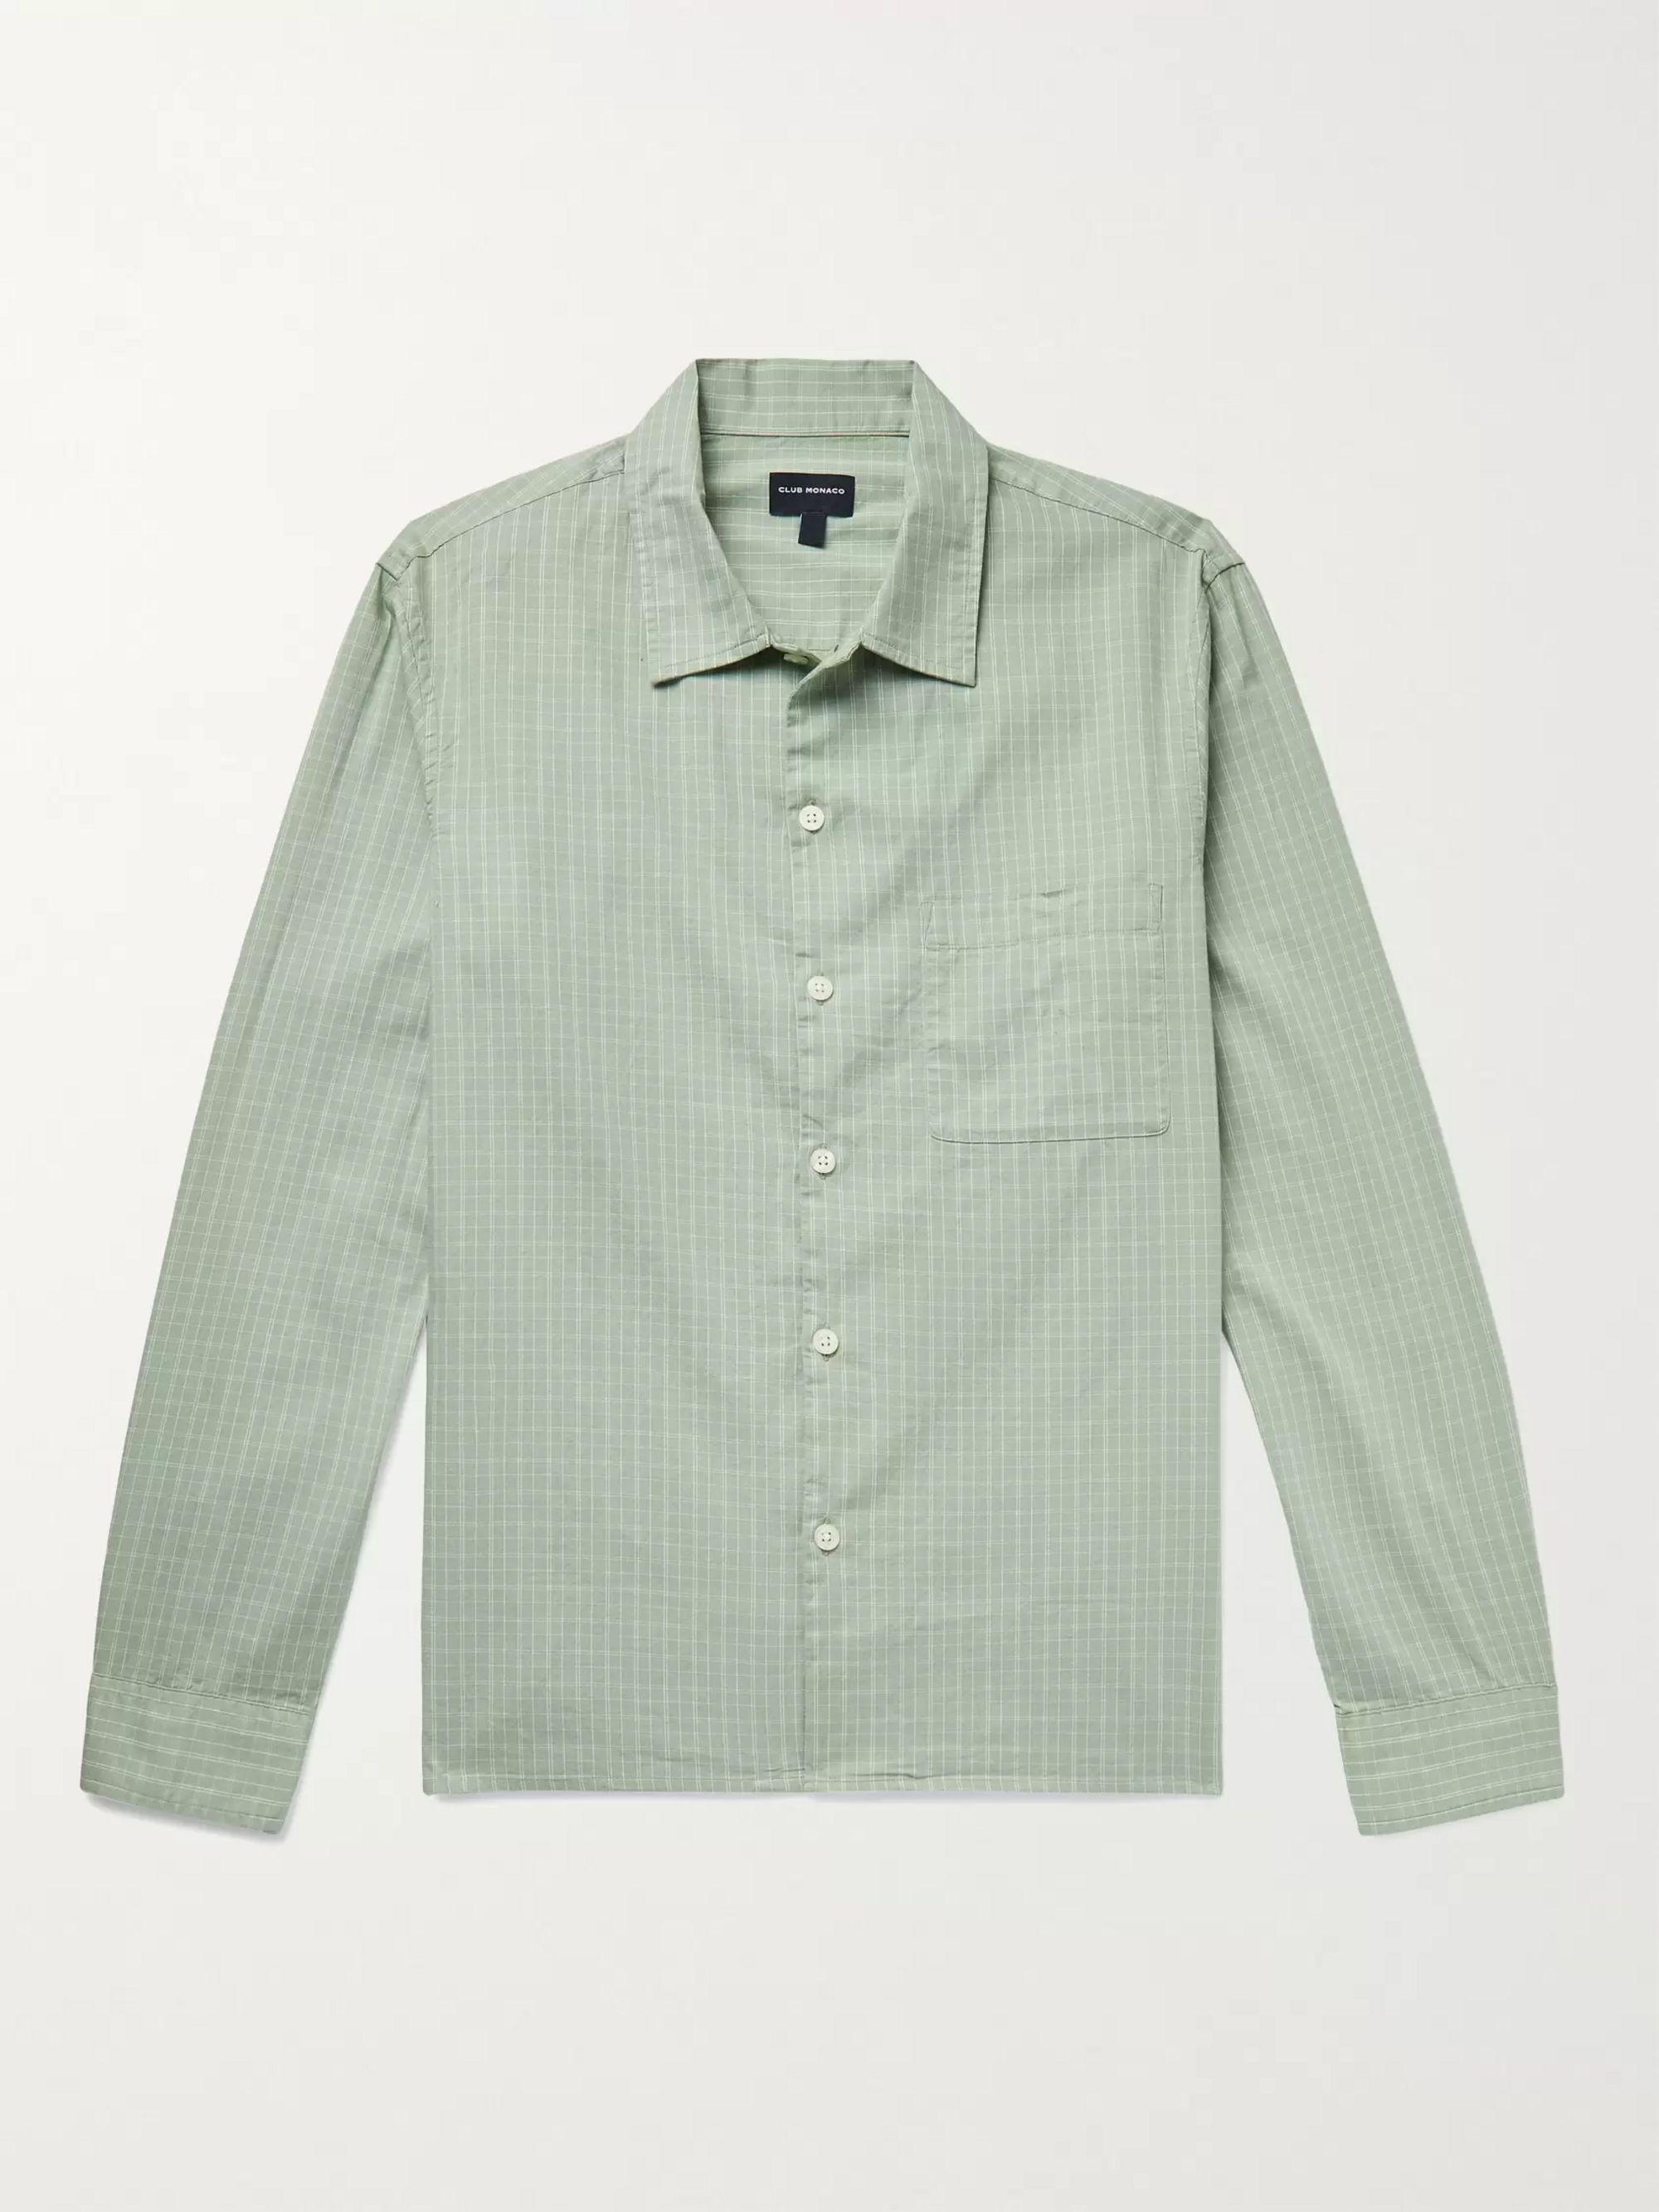 CLUB MONACO Checked Cotton Oxford Shirt